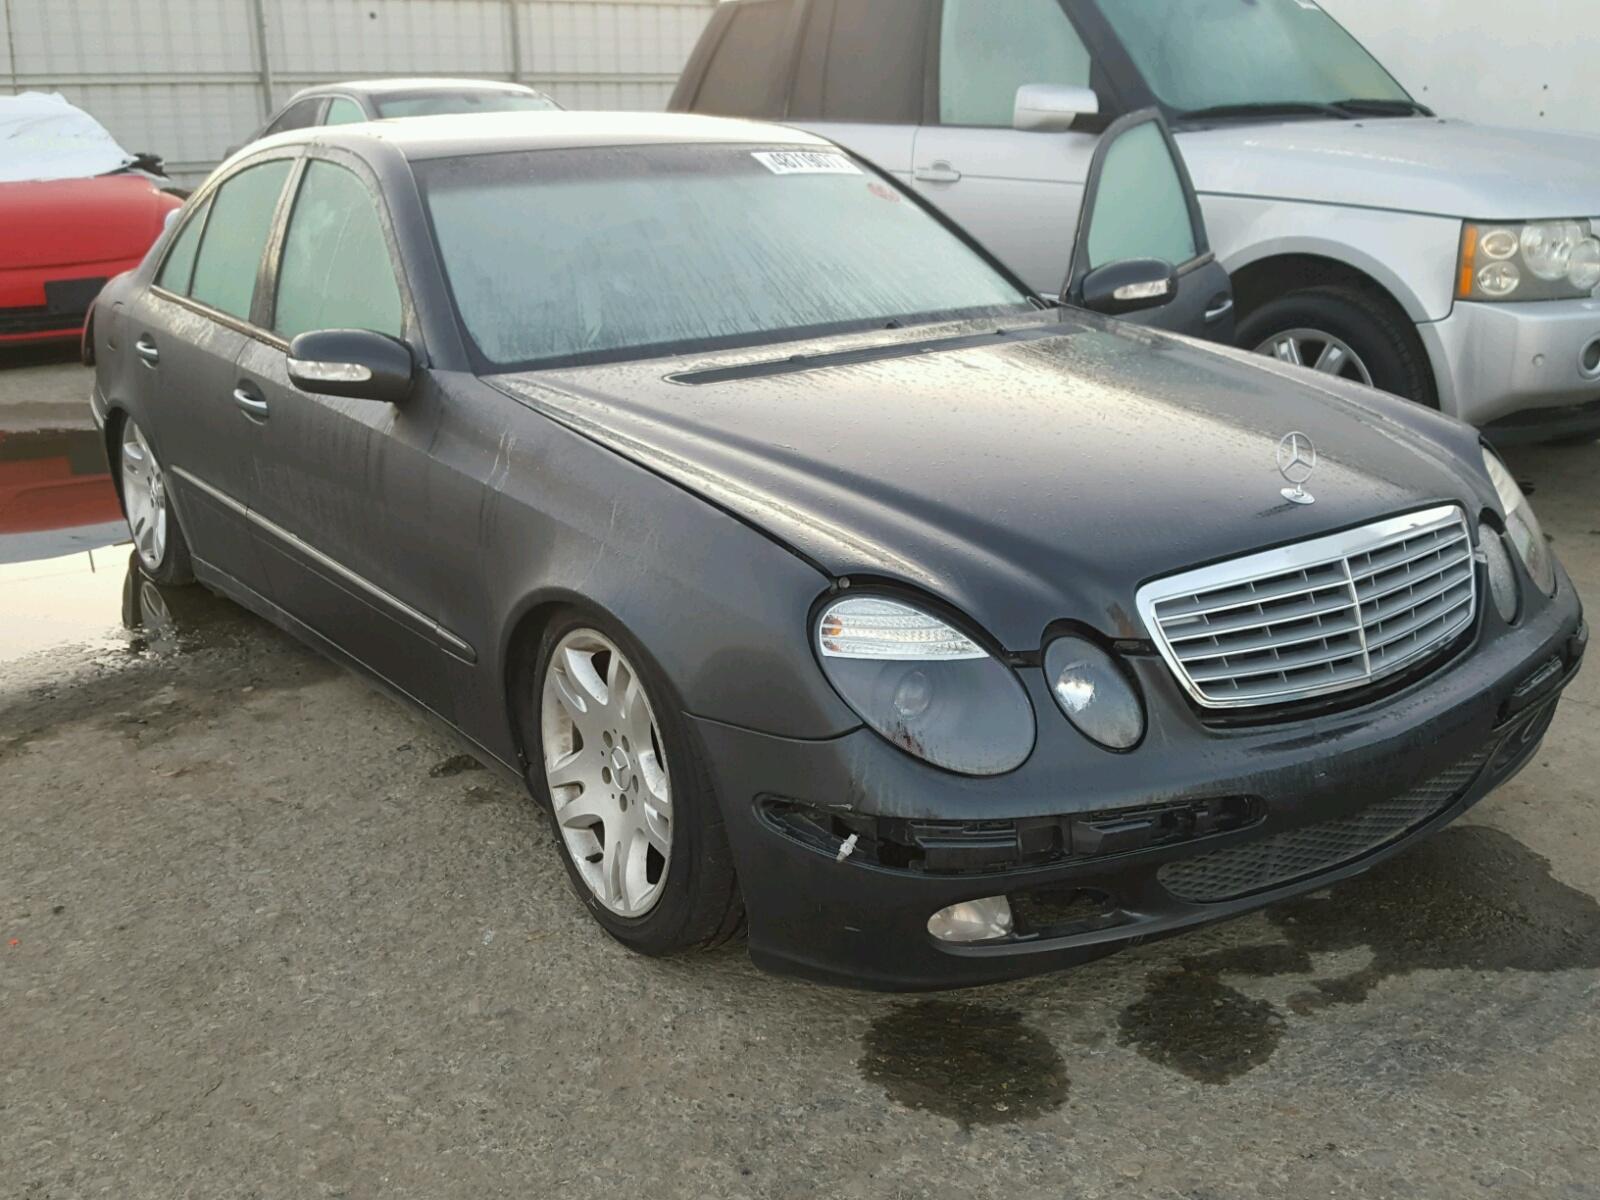 2003 mercedes benz e 500 for sale at copart sacramento ca for 2003 mercedes benz e500 for sale